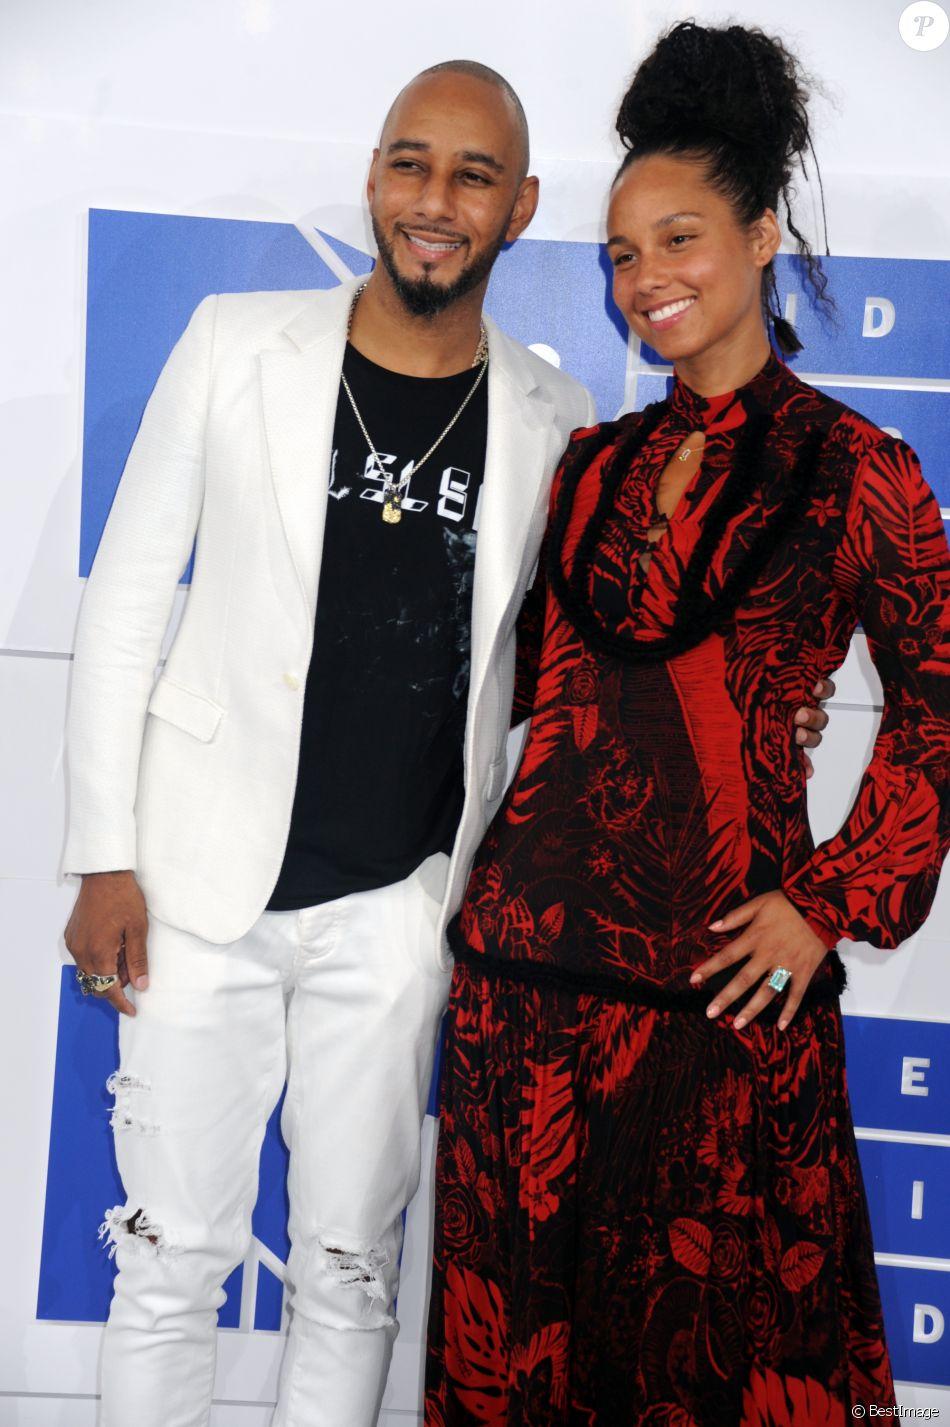 Swizz Beatz et sa femme Alicia Keys à la soirée des MTV Video Music Awards 2016 à Madison Square Garden à New York, le 28 août 2016.